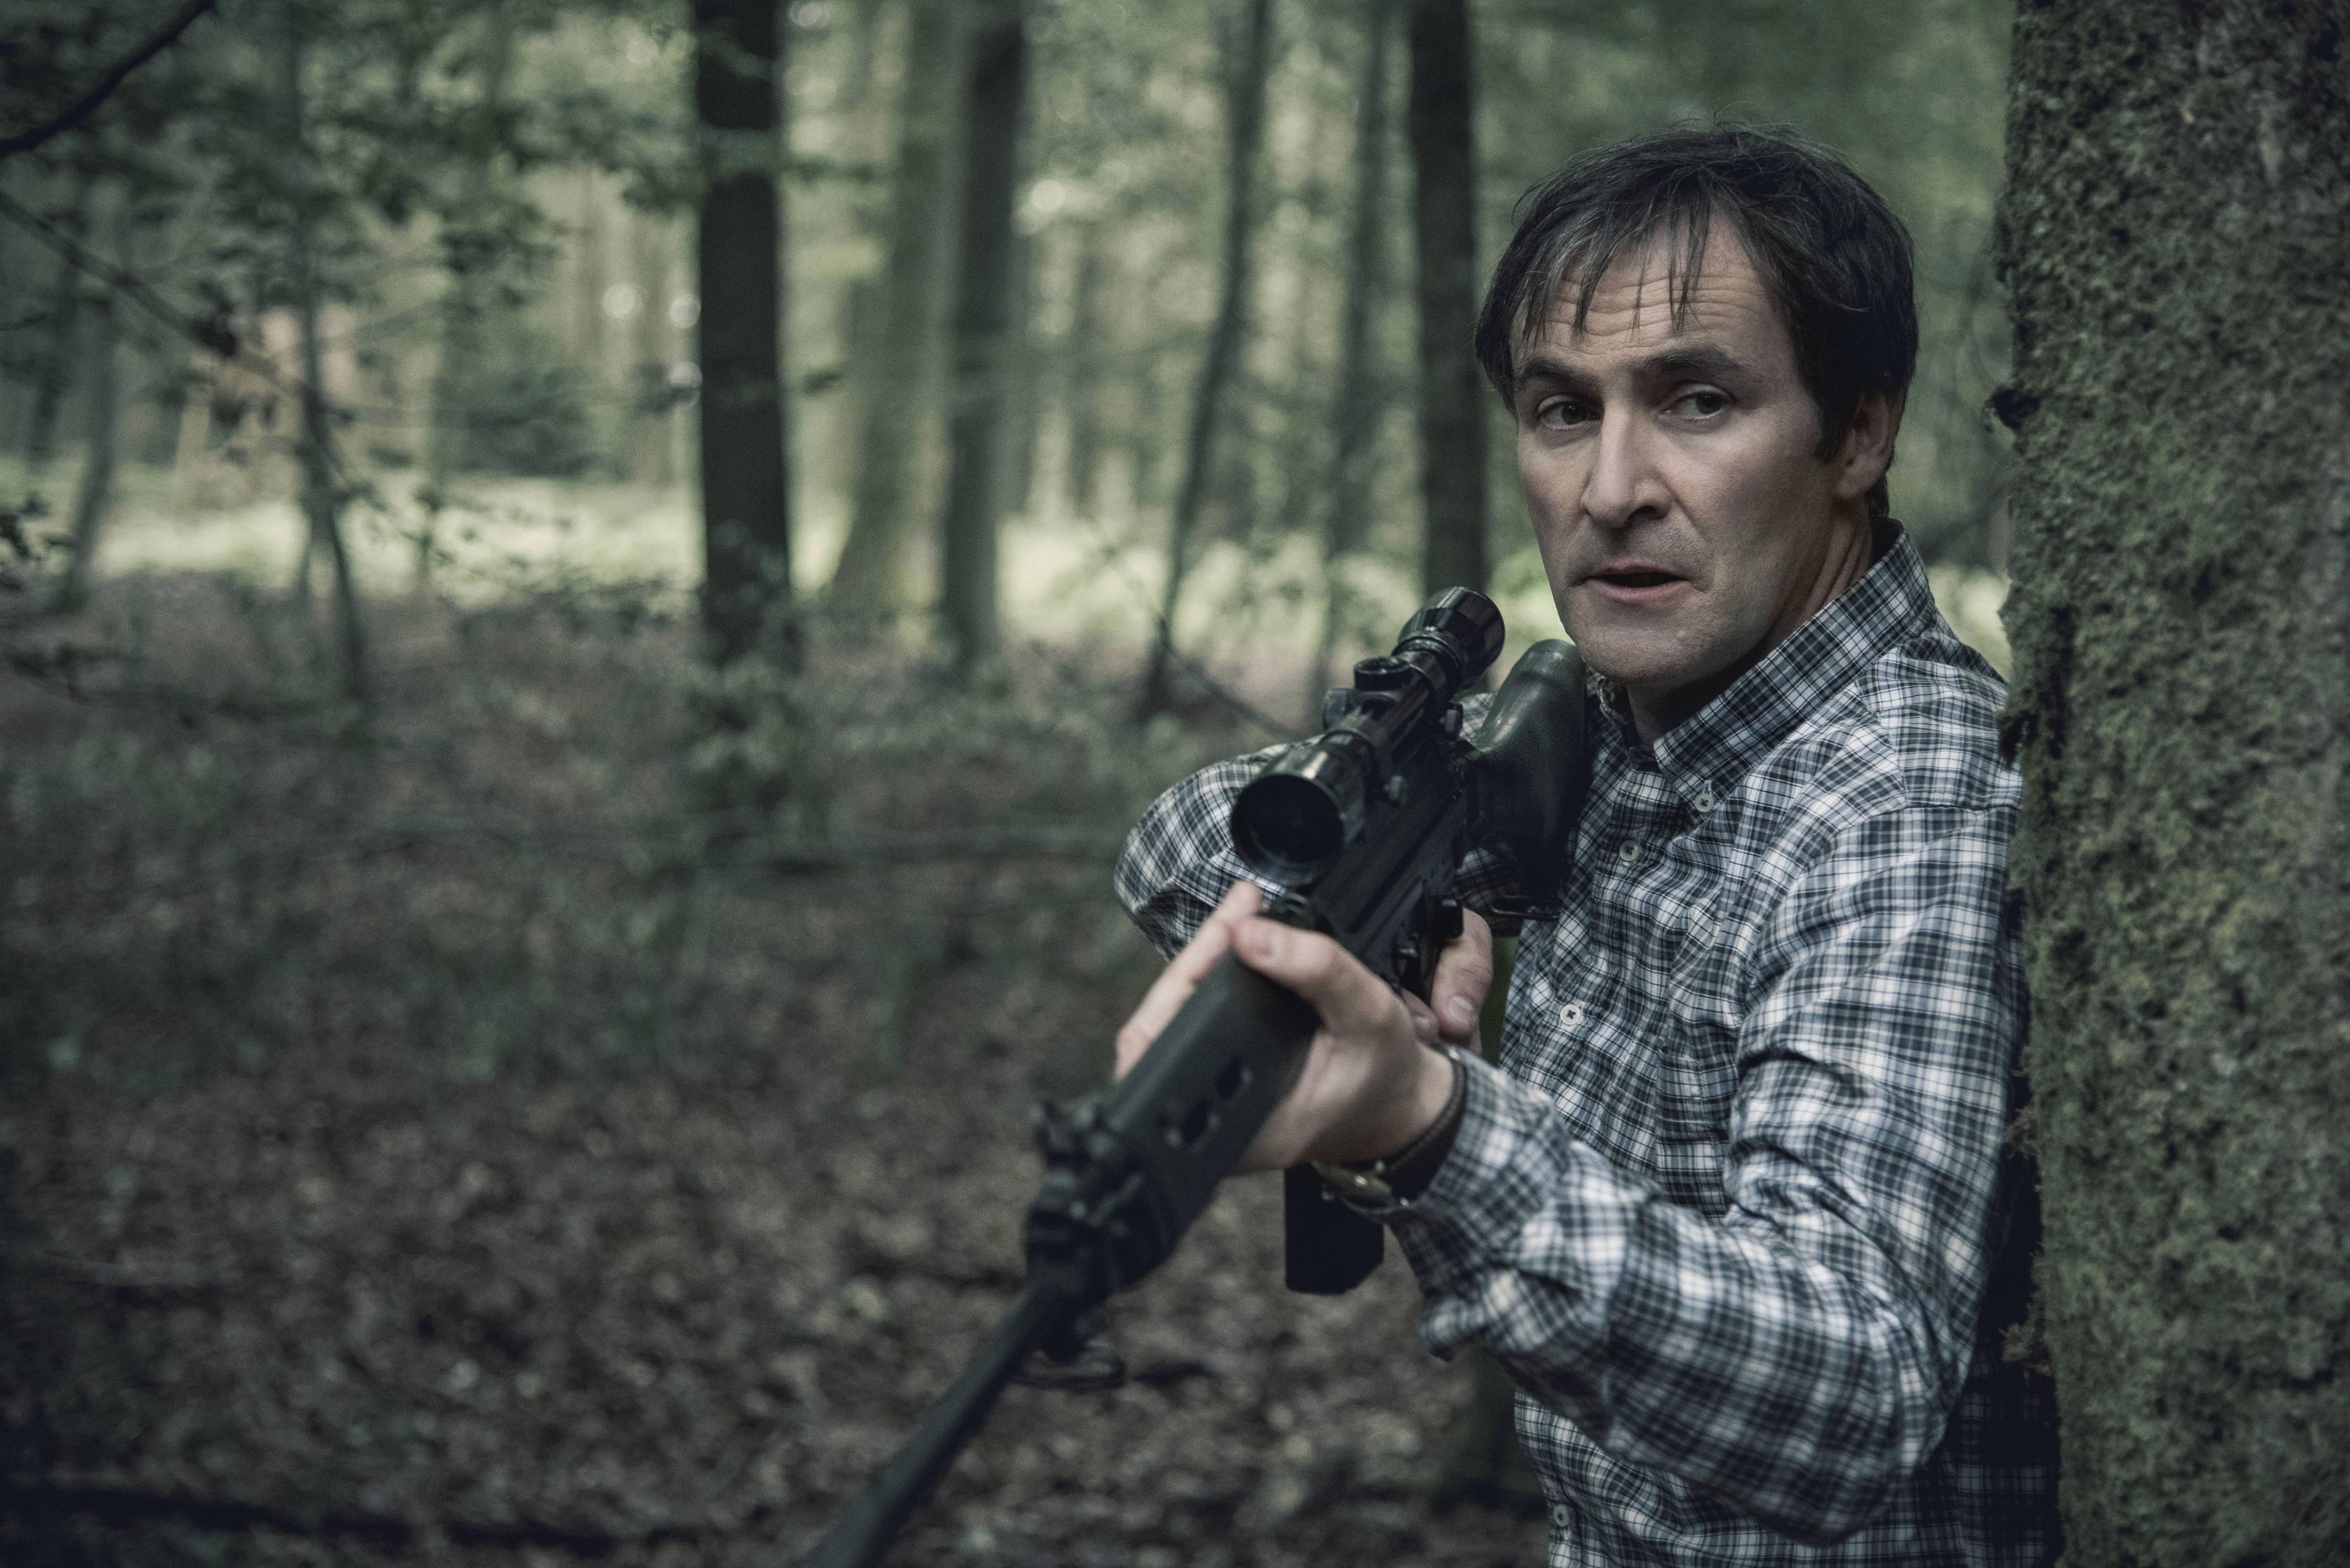 Derek Ridell - Actor